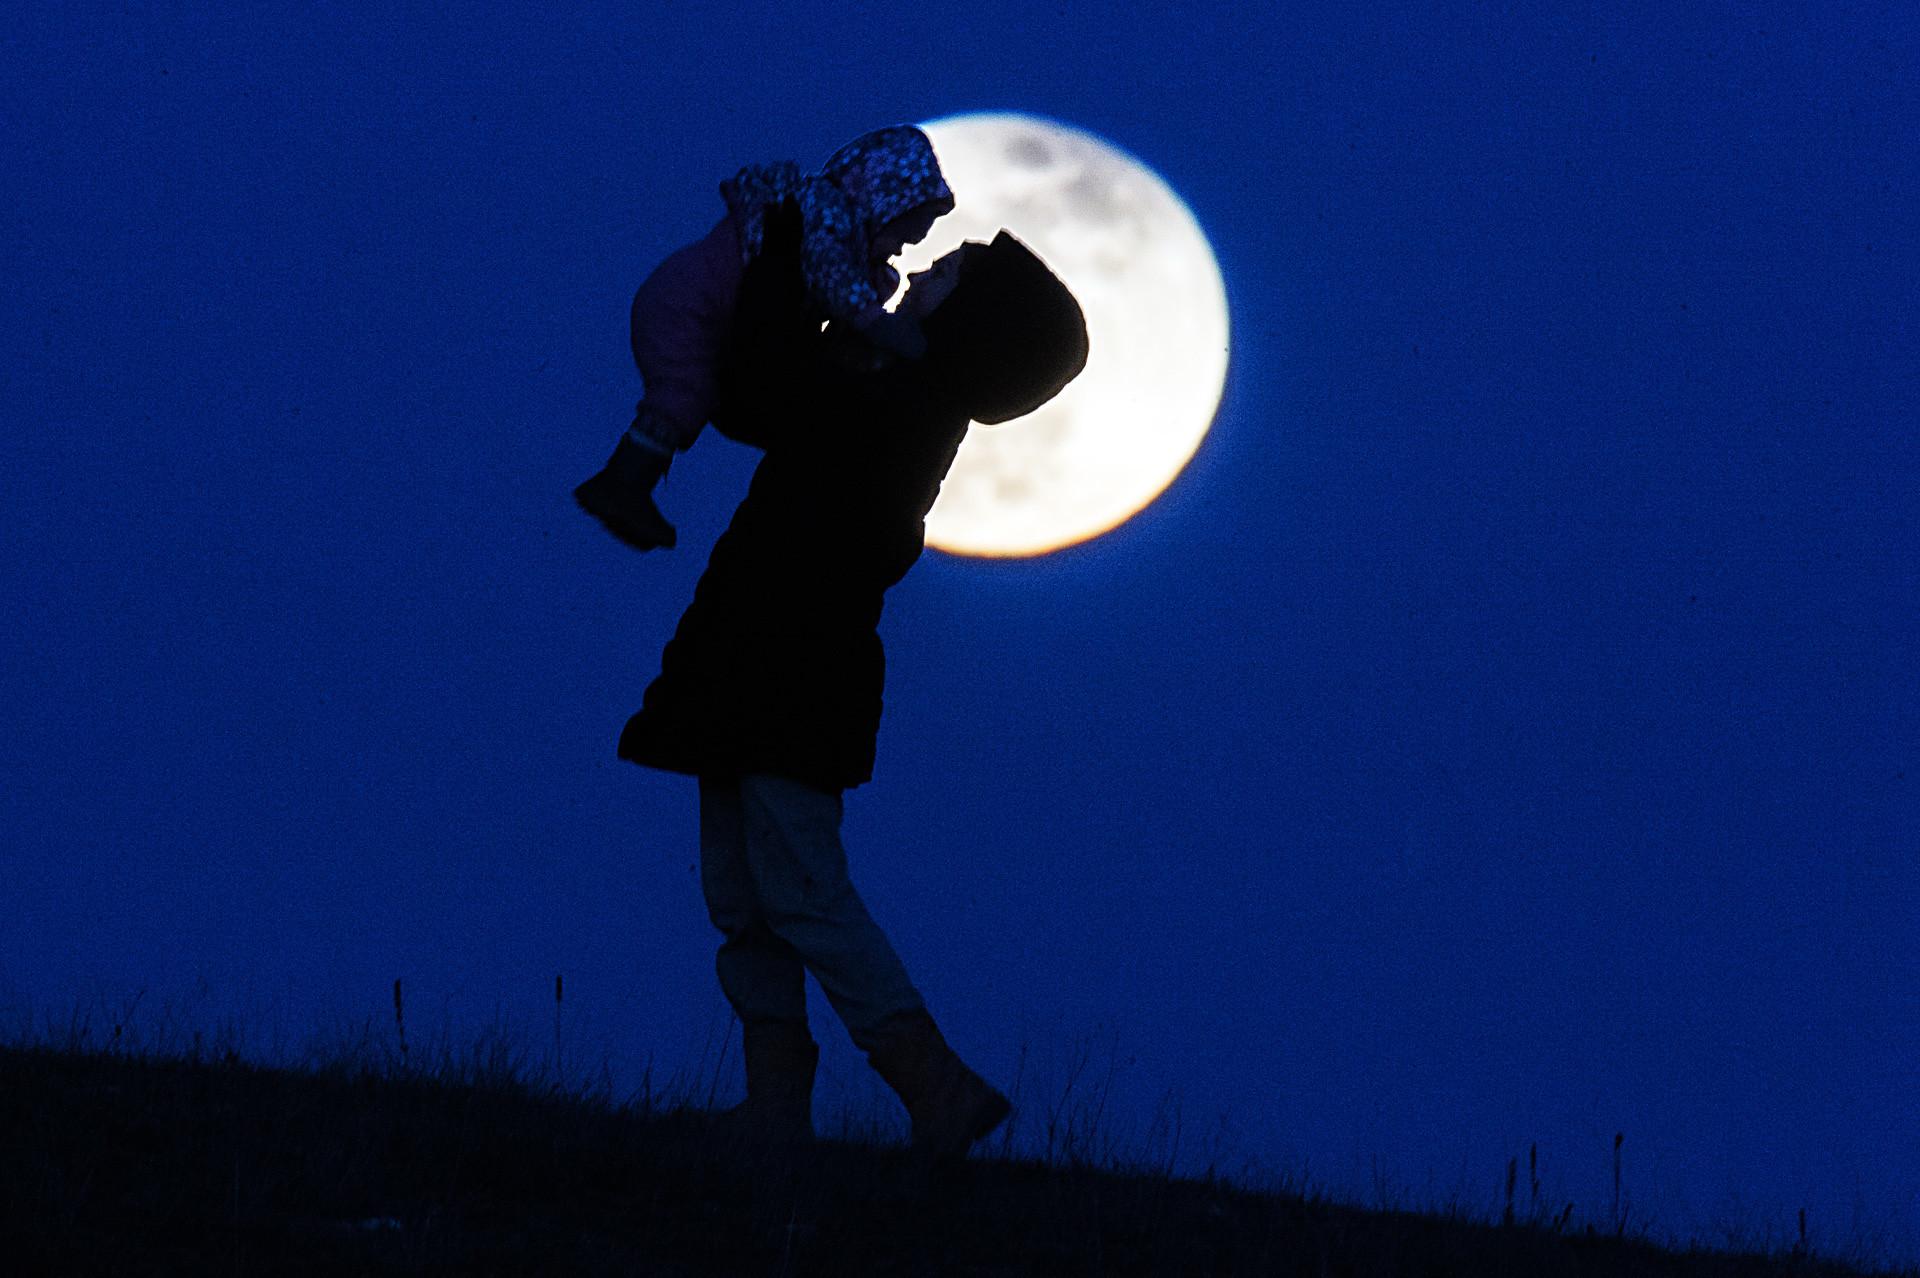 Moradores de Simferopol saíram para passeio noturno à procura da Lua